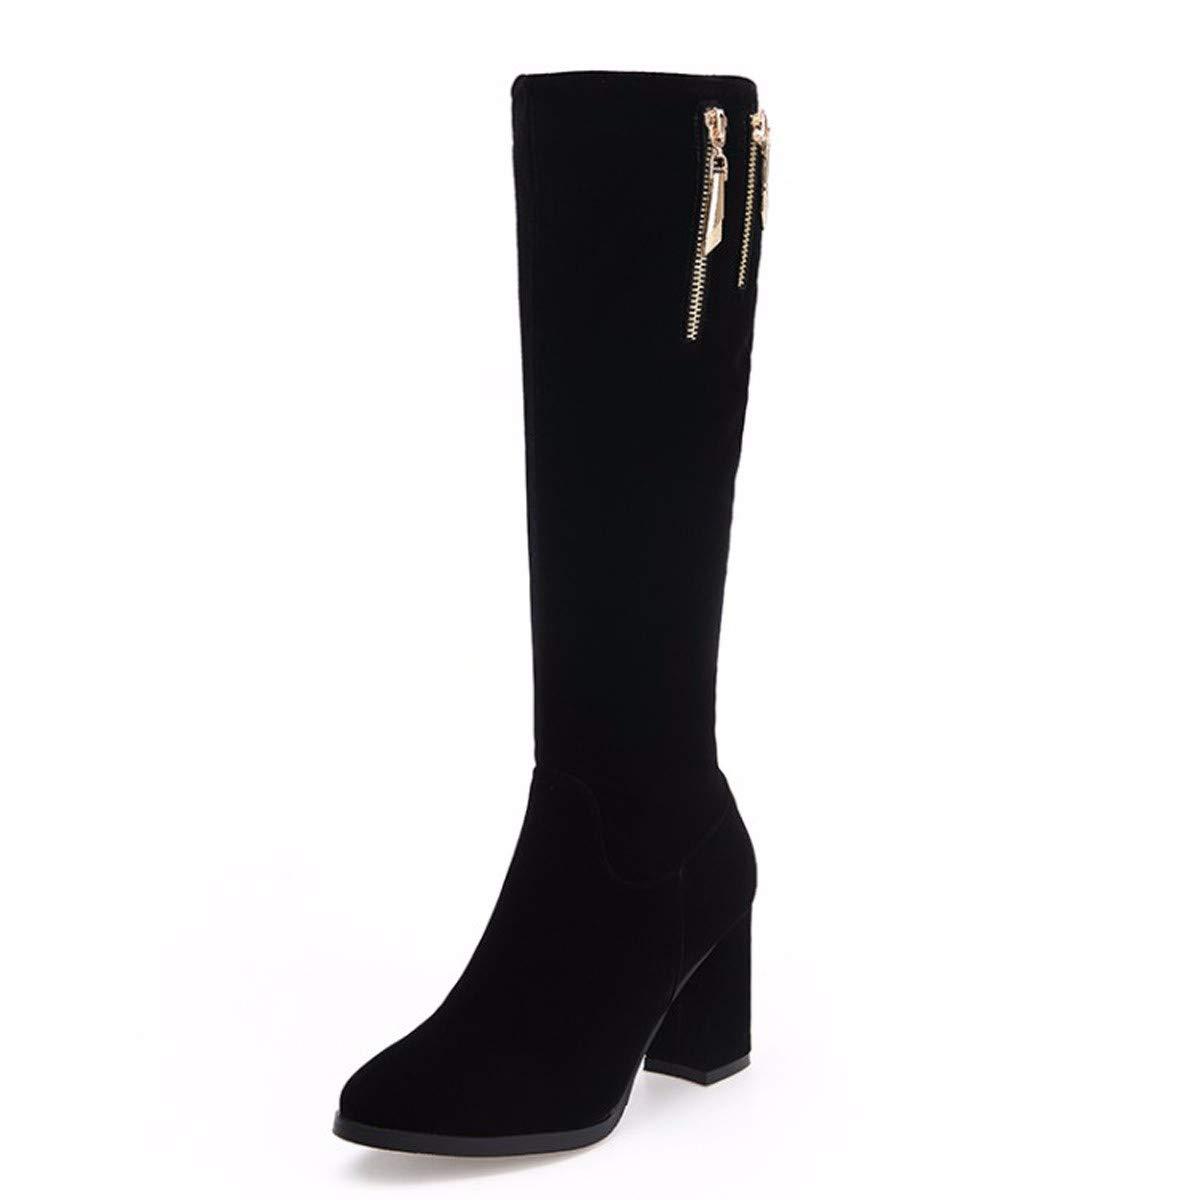 KPHY Damenschuhe Grob Hacken Stiefel Heel 8Cm Winter Seite Reißverschluss Reißverschluss Reißverschluss Schleifen Hohe Stiefel 9da02e